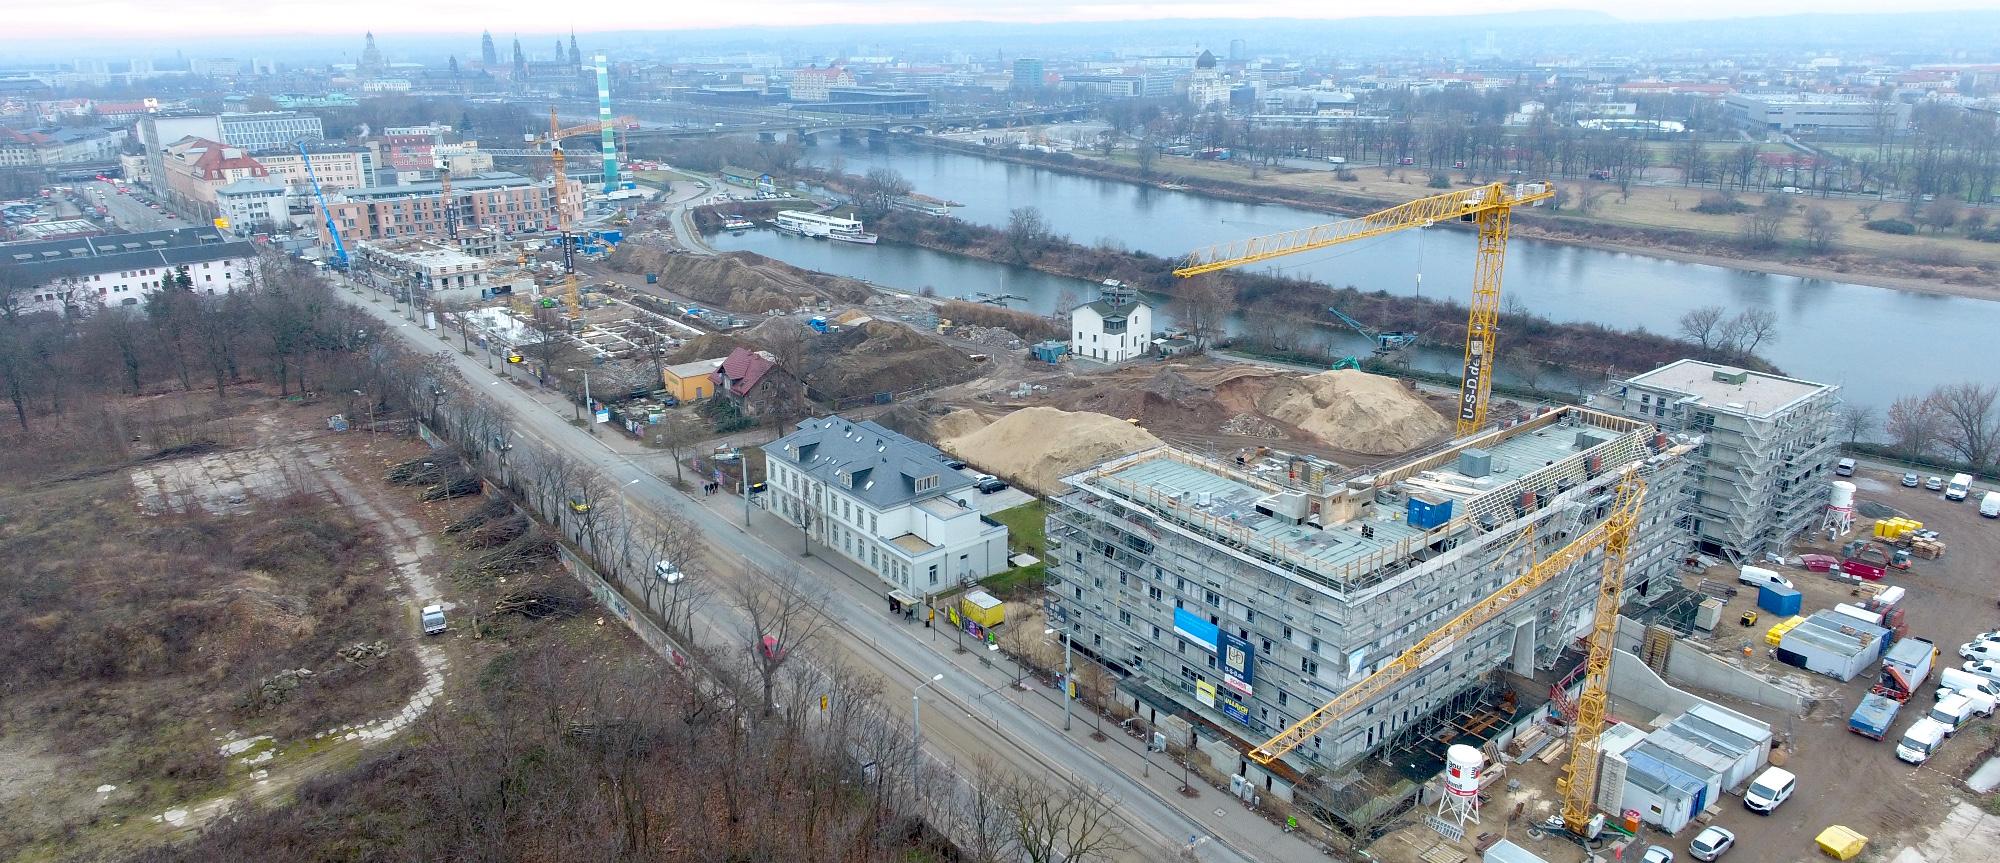 Arcotel Hafencity Luftaufnahme